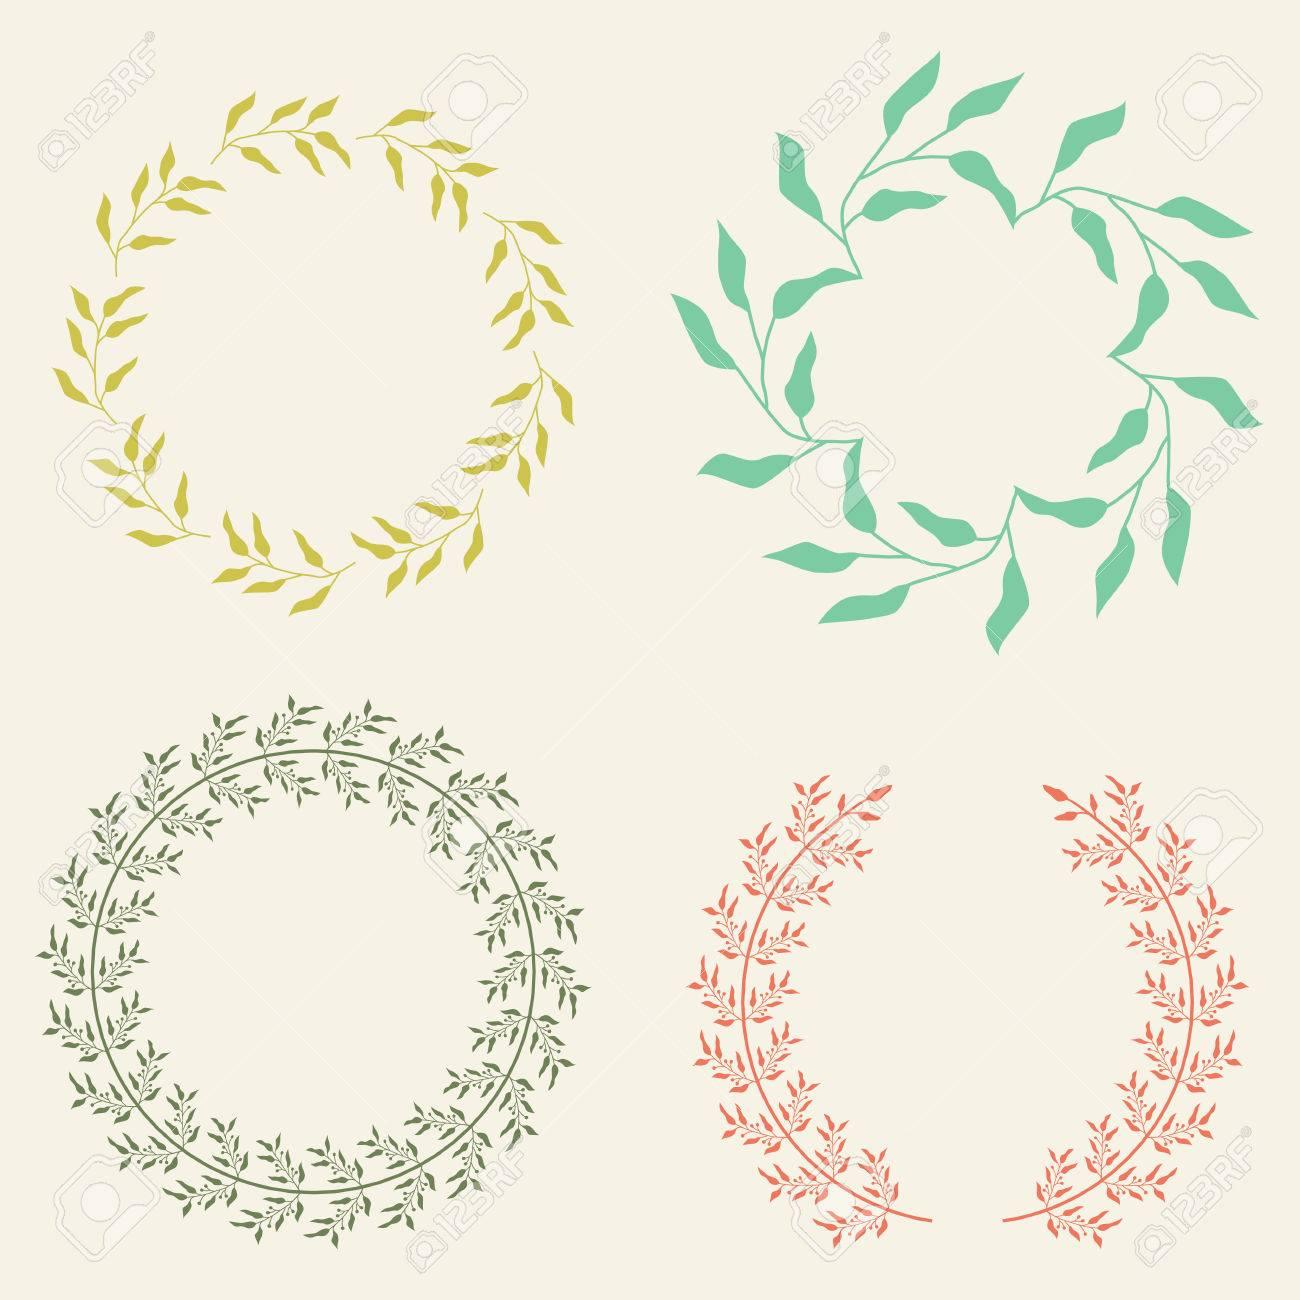 vector laurel wreaths collection